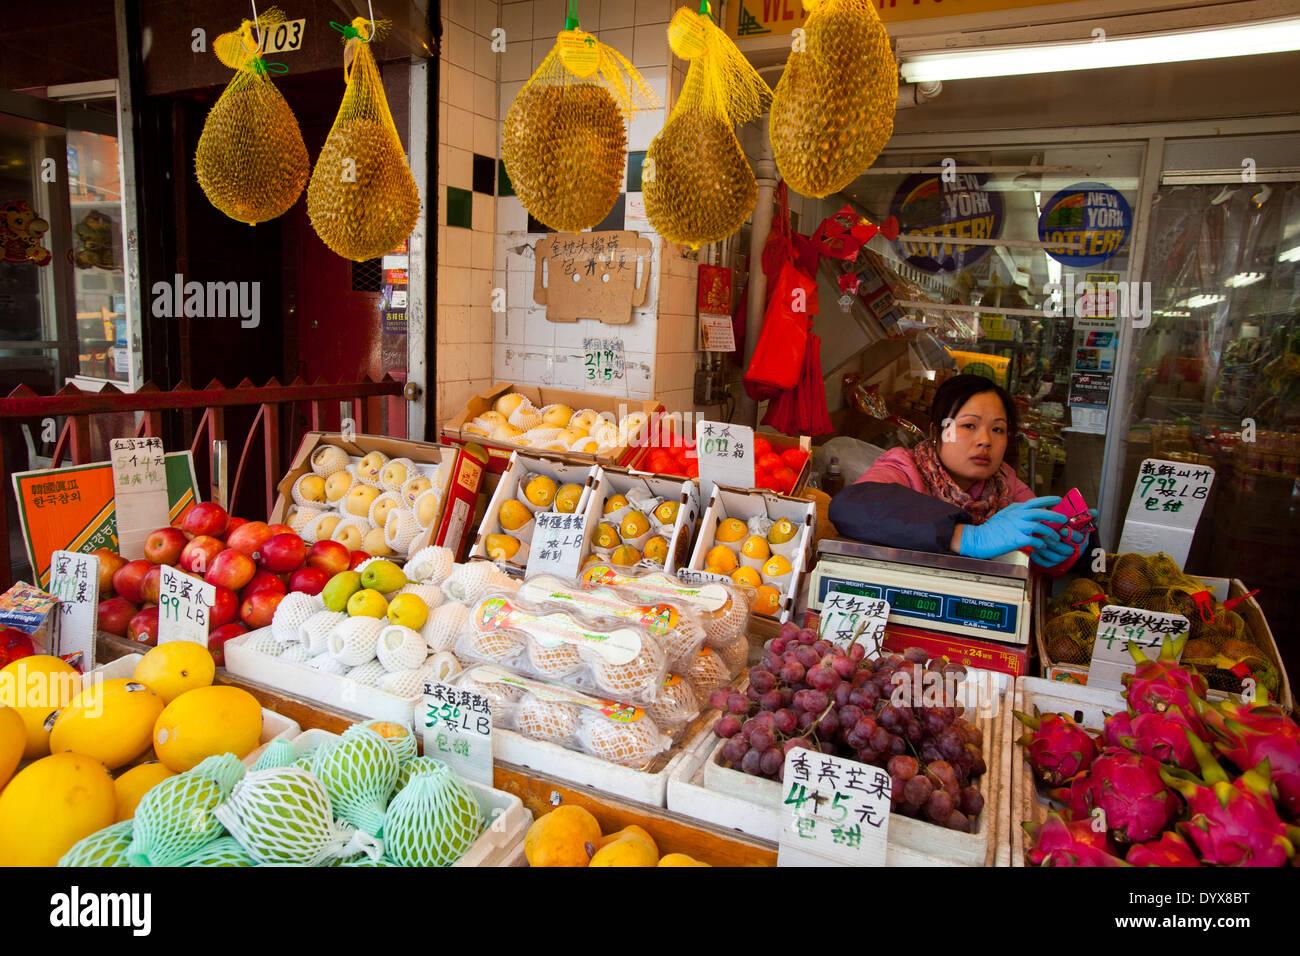 Vegetable Market Chinatown Manhattan New York City New York Stock Photo Alamy